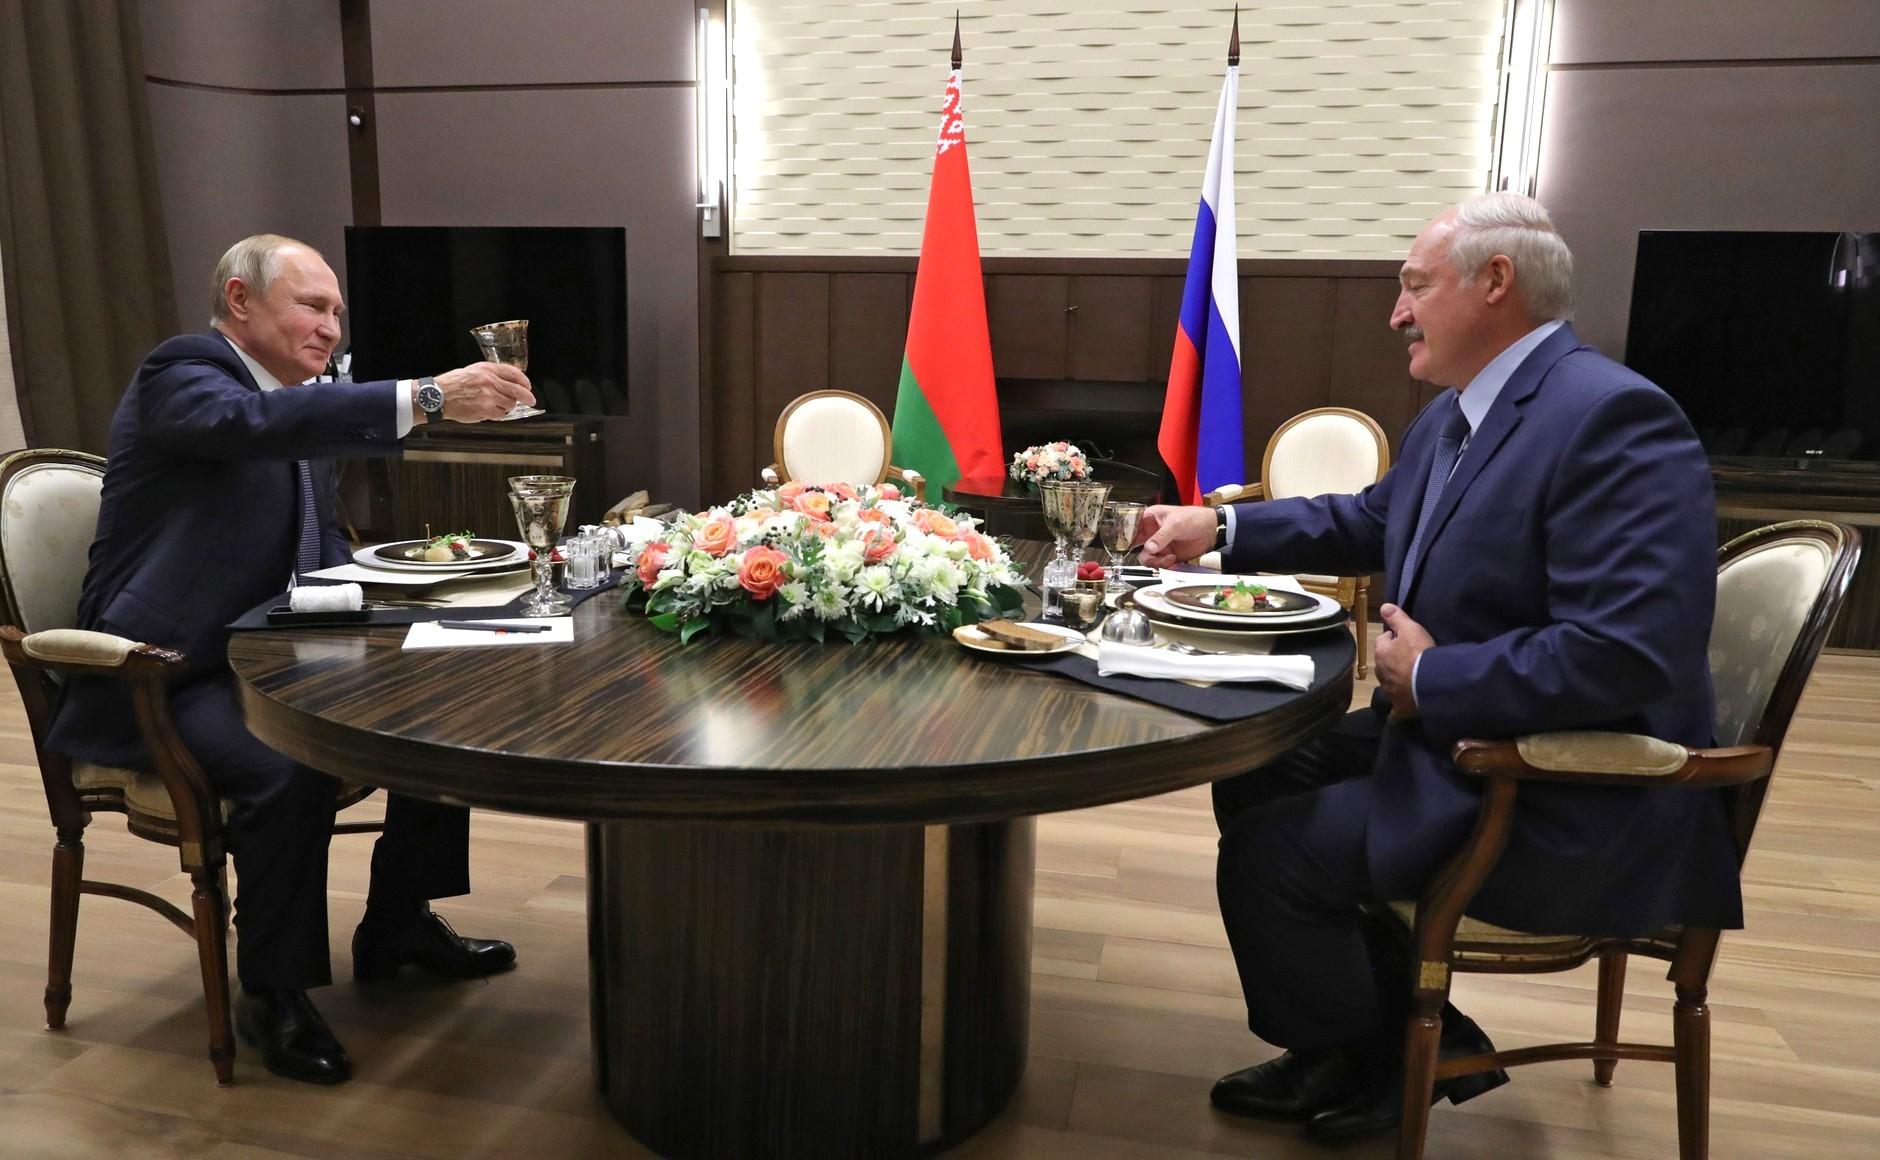 Rosja połknie Białoruś? Najtrudniejszy egzamin Łukaszenki